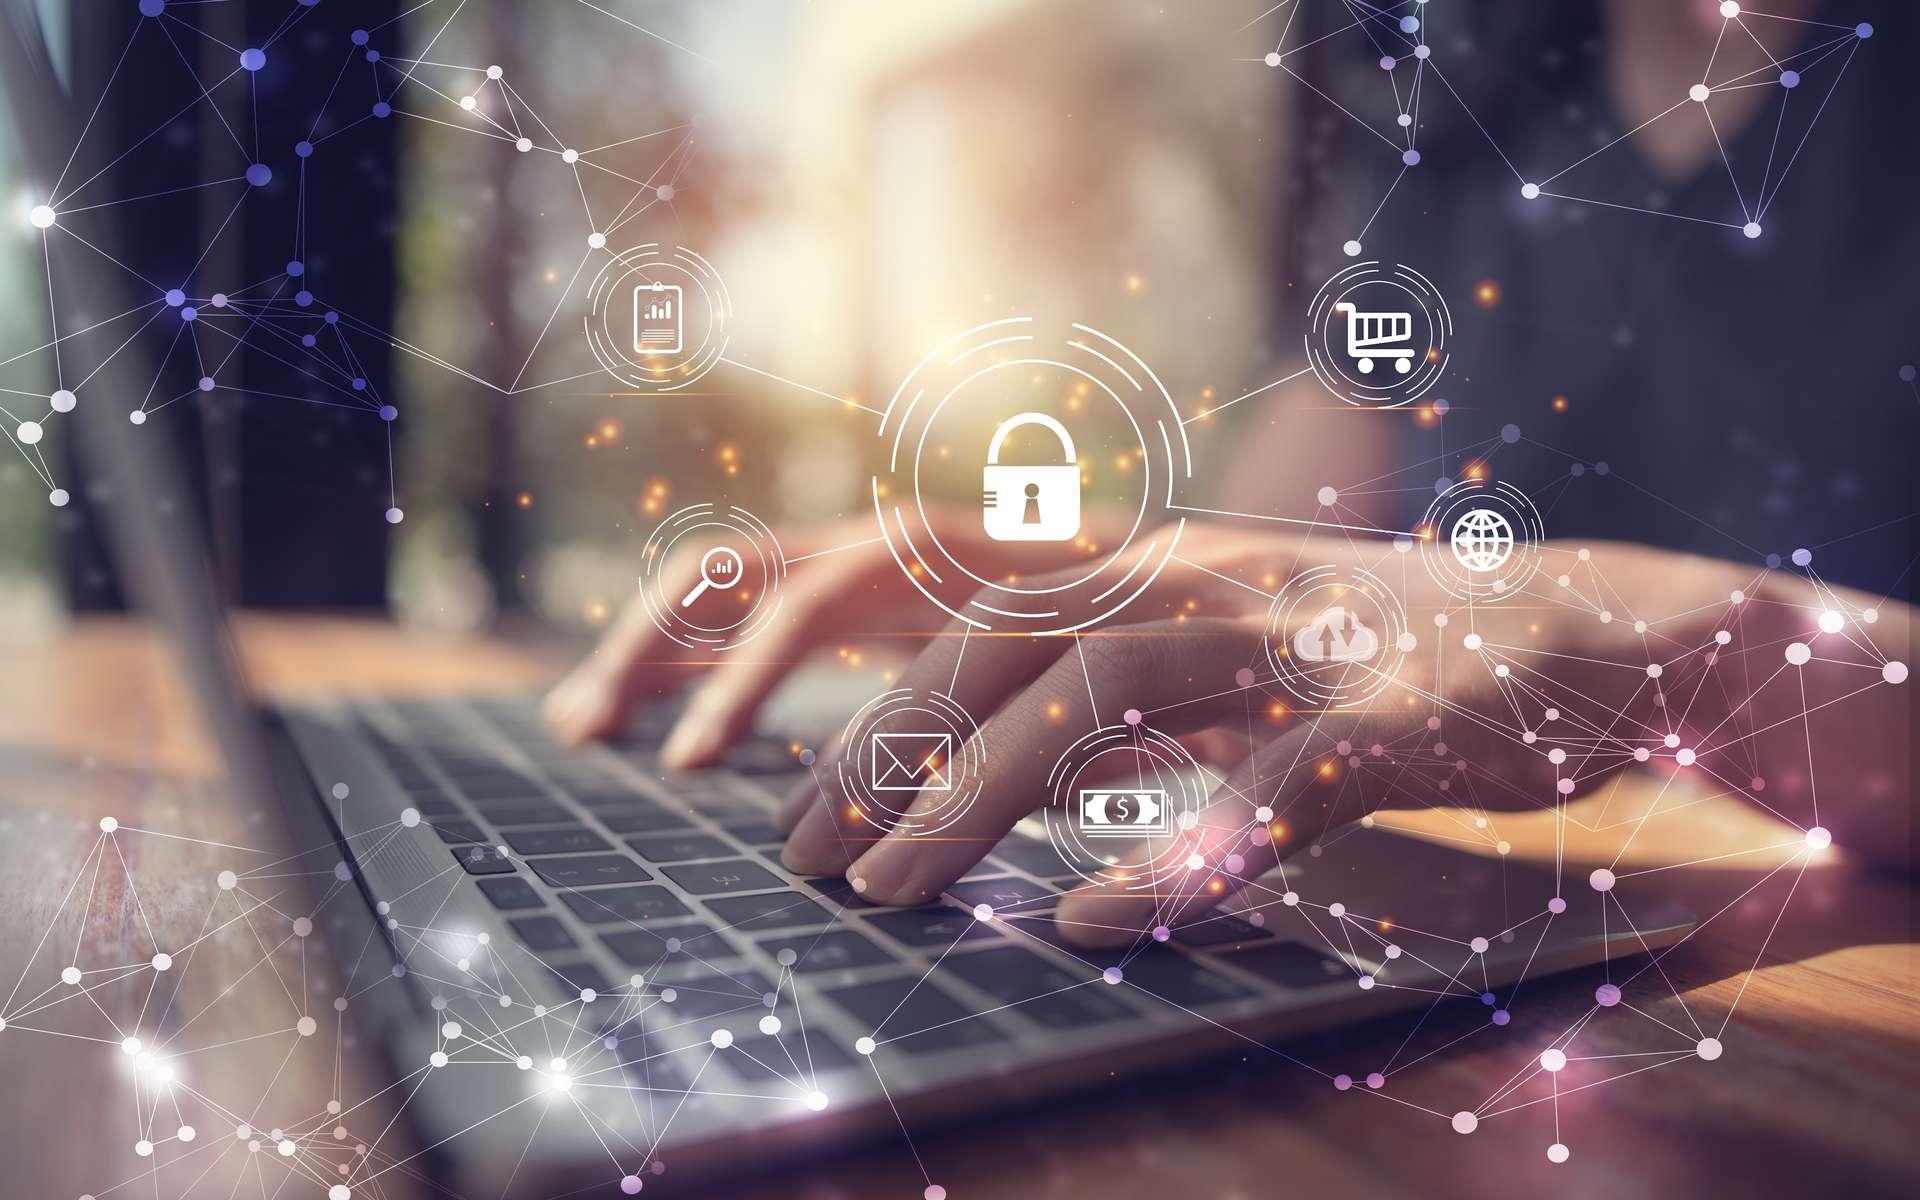 La sécurité des données privées est au cœur des priorités pour nombre d'entre nous. La mise en place du Règlement général sur la protection des données (RGPD) était donc une nécessité. Des entreprises proposent une solution pour éliminer les publicités et les traceurs lorsqu'on navigue sur le Net. © Looker_Studio, Adobe Stock